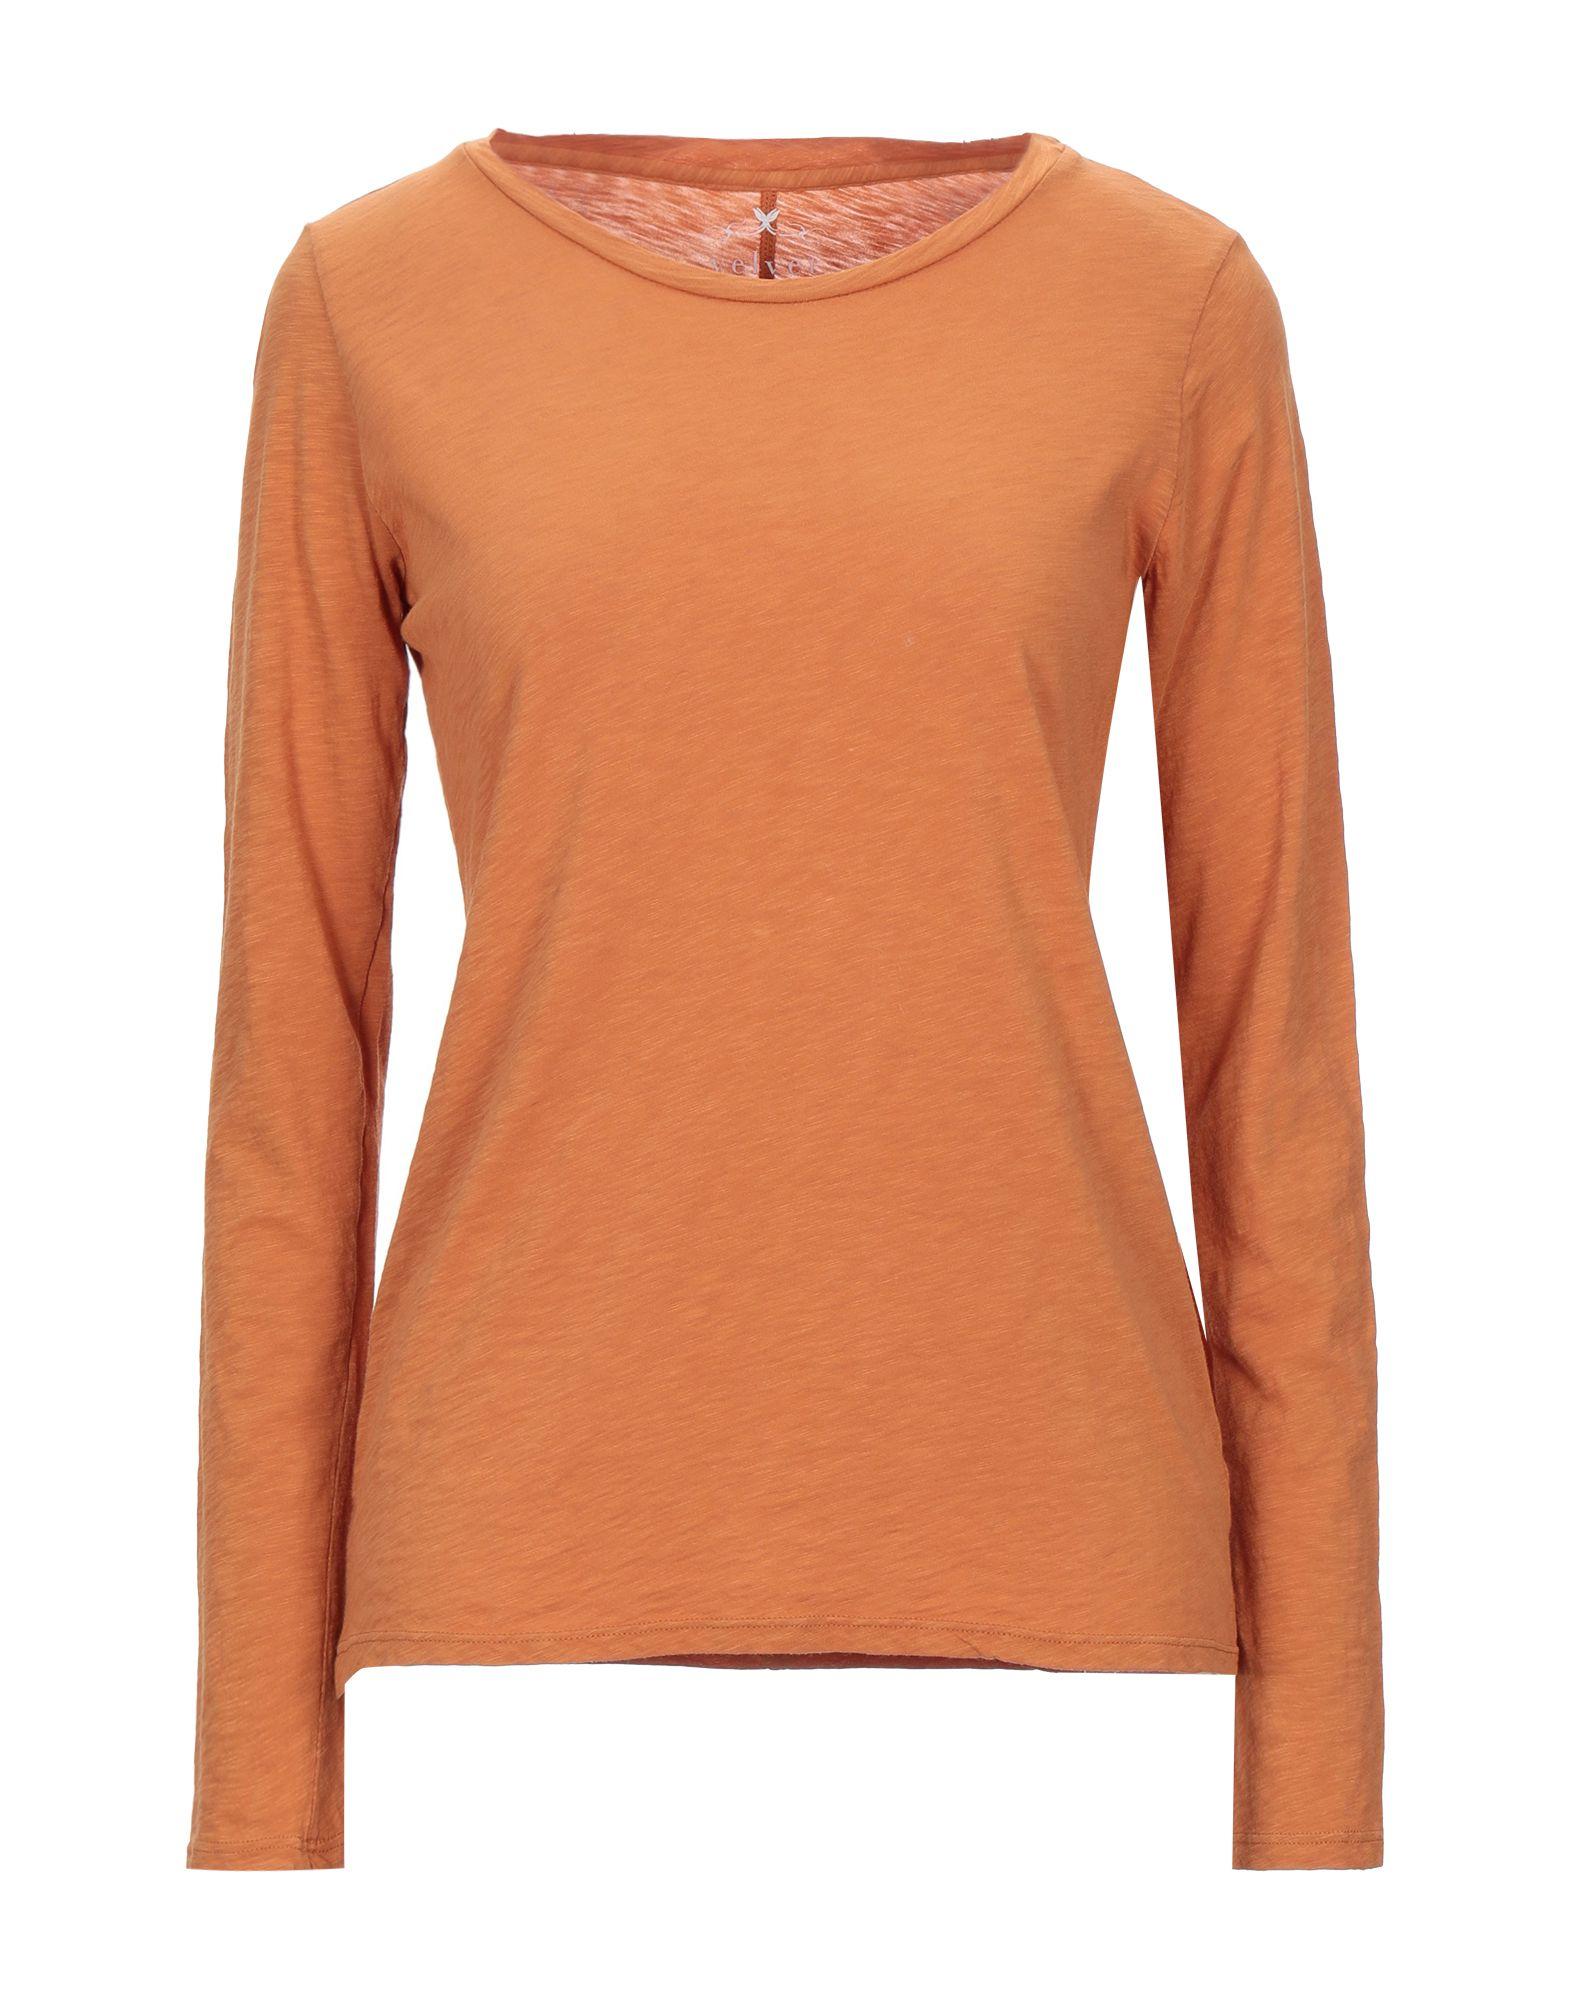 VELVET by GRAHAM & SPENCER Футболка футболка mango футболка velvet